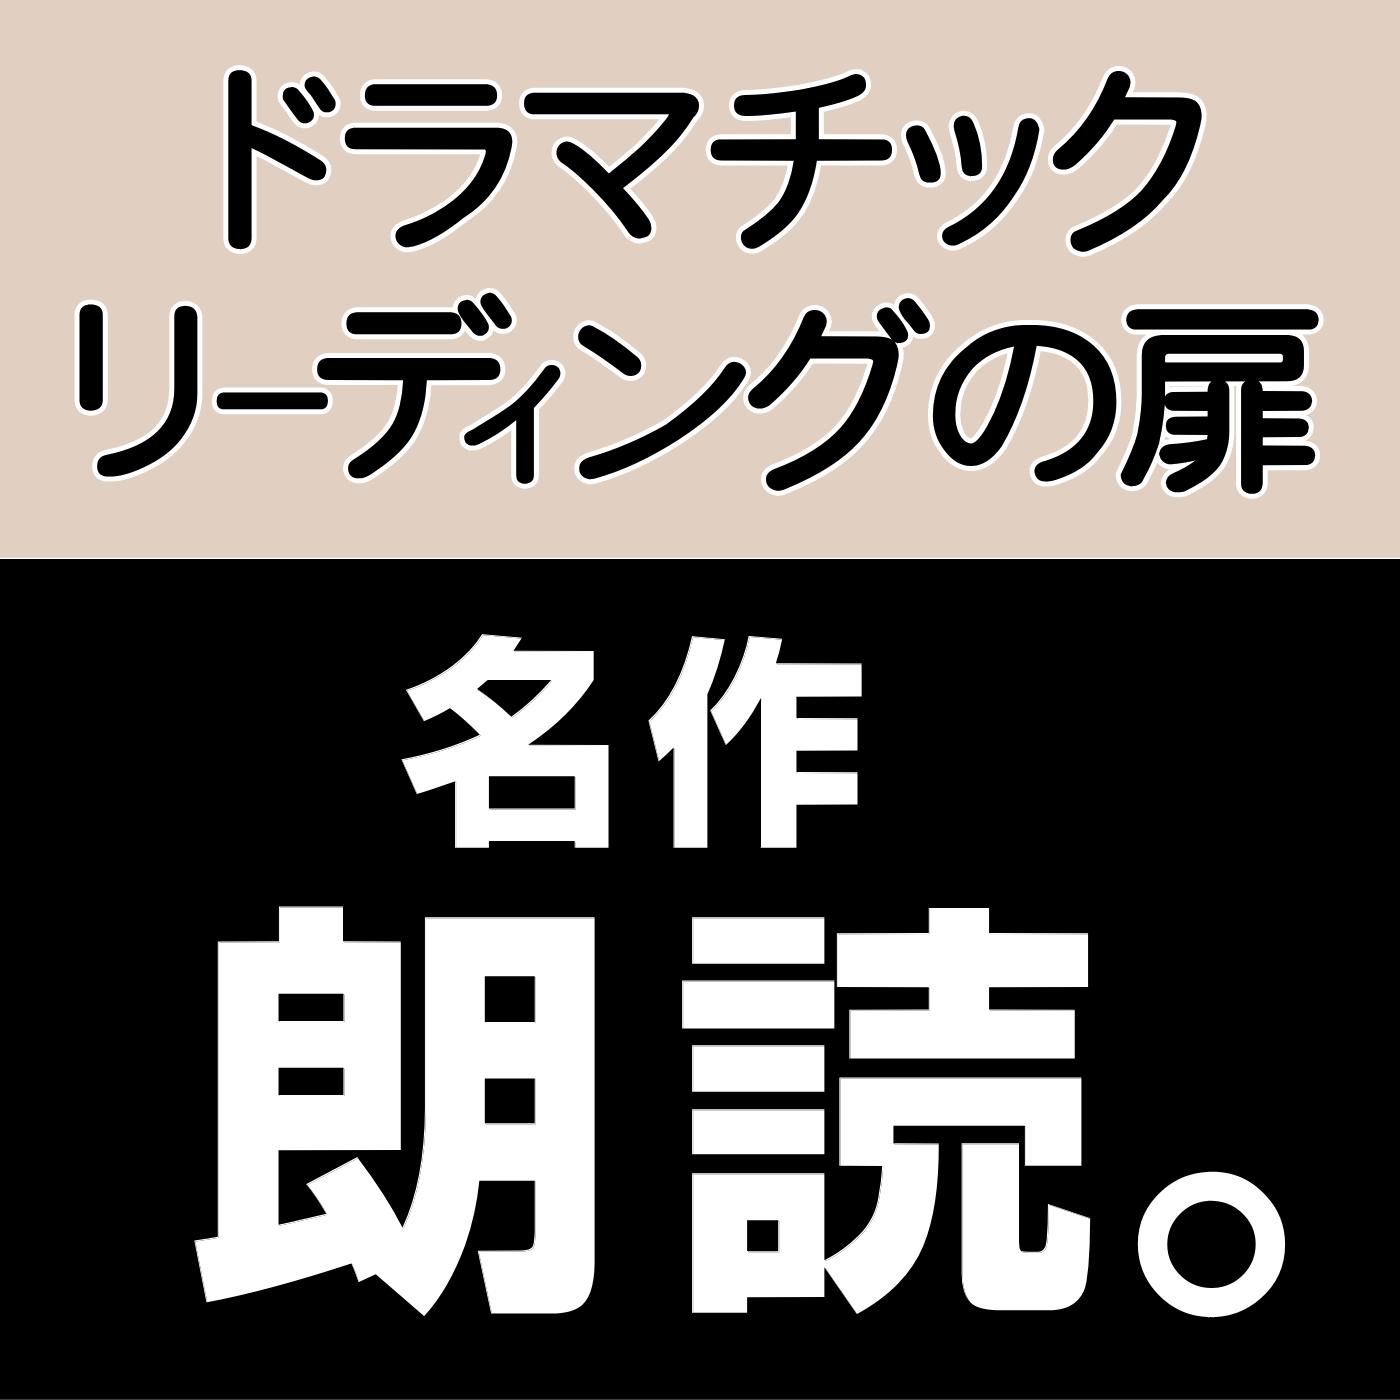 ドラマチック・リーディングの扉 新アートワーク